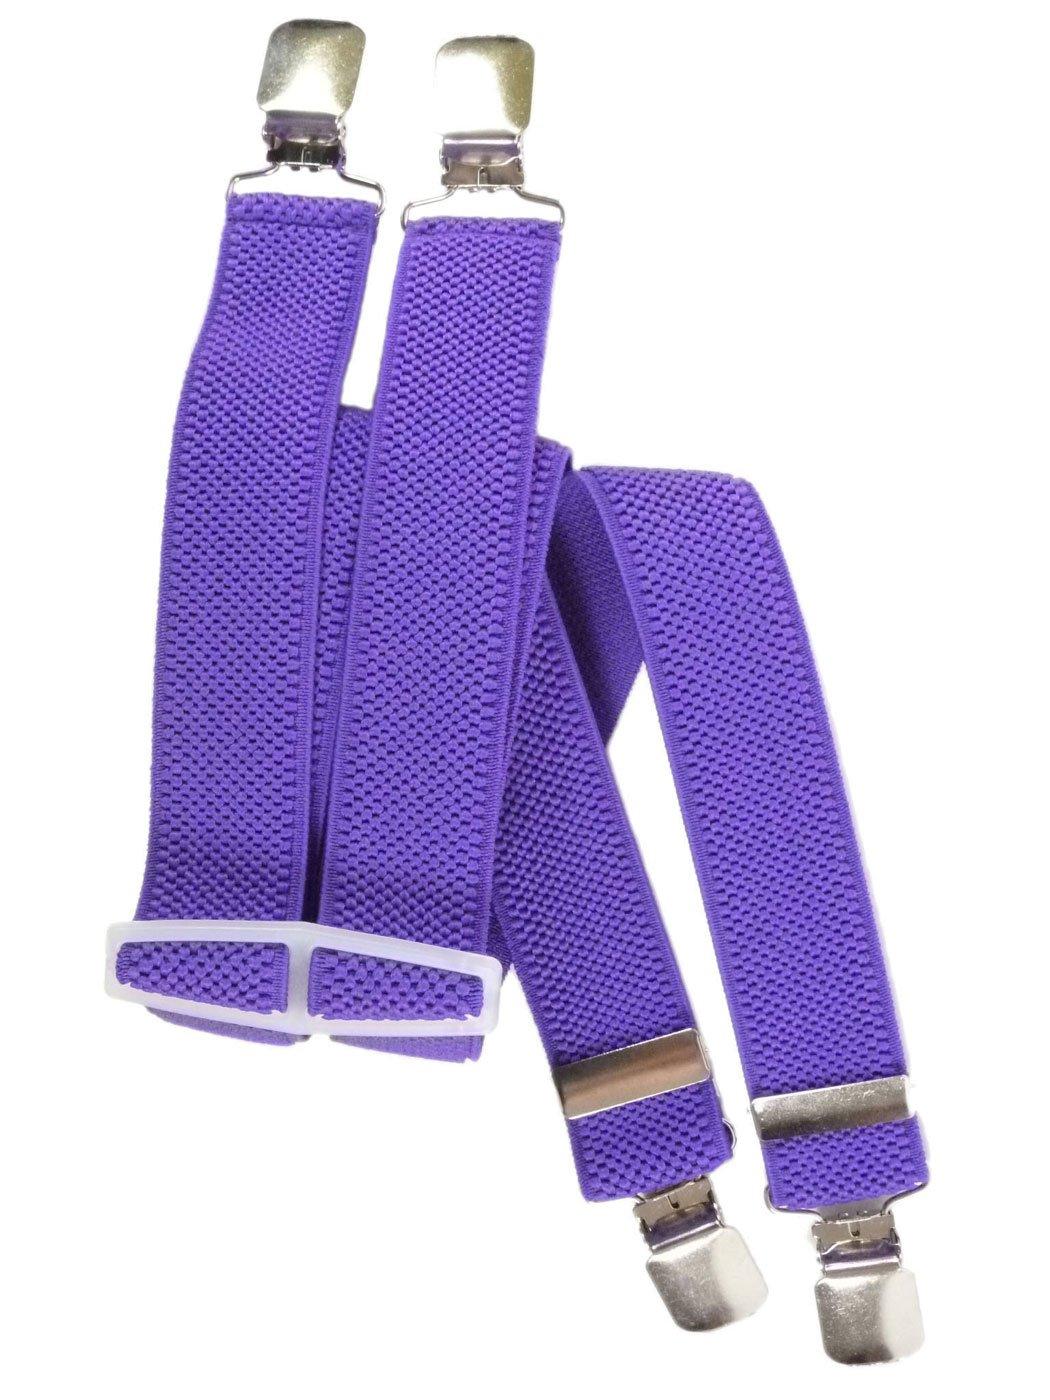 Olata Bretelle Elasticizzata per Bambini 5-12 Anni, X' Clip design/Plastica KIDSBRACESDorange